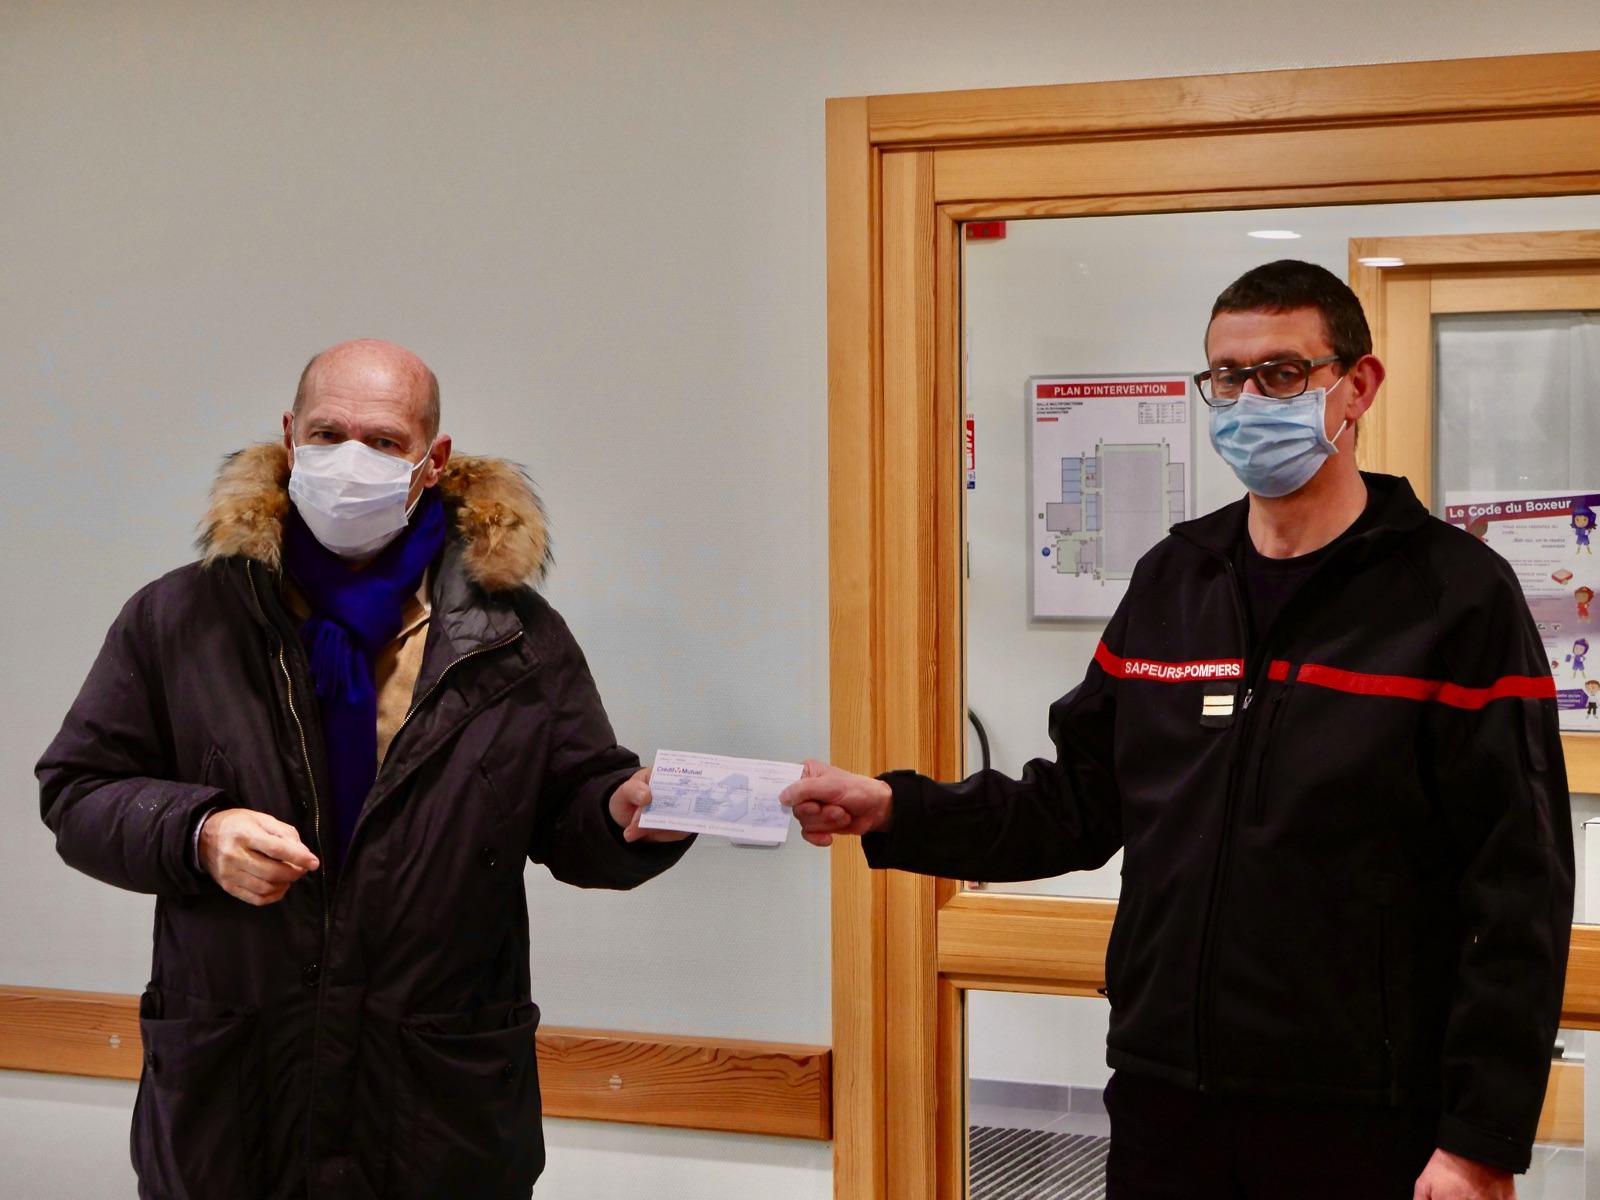 L'association ARAME reçoit un chèque des pompiers de Marmoutier